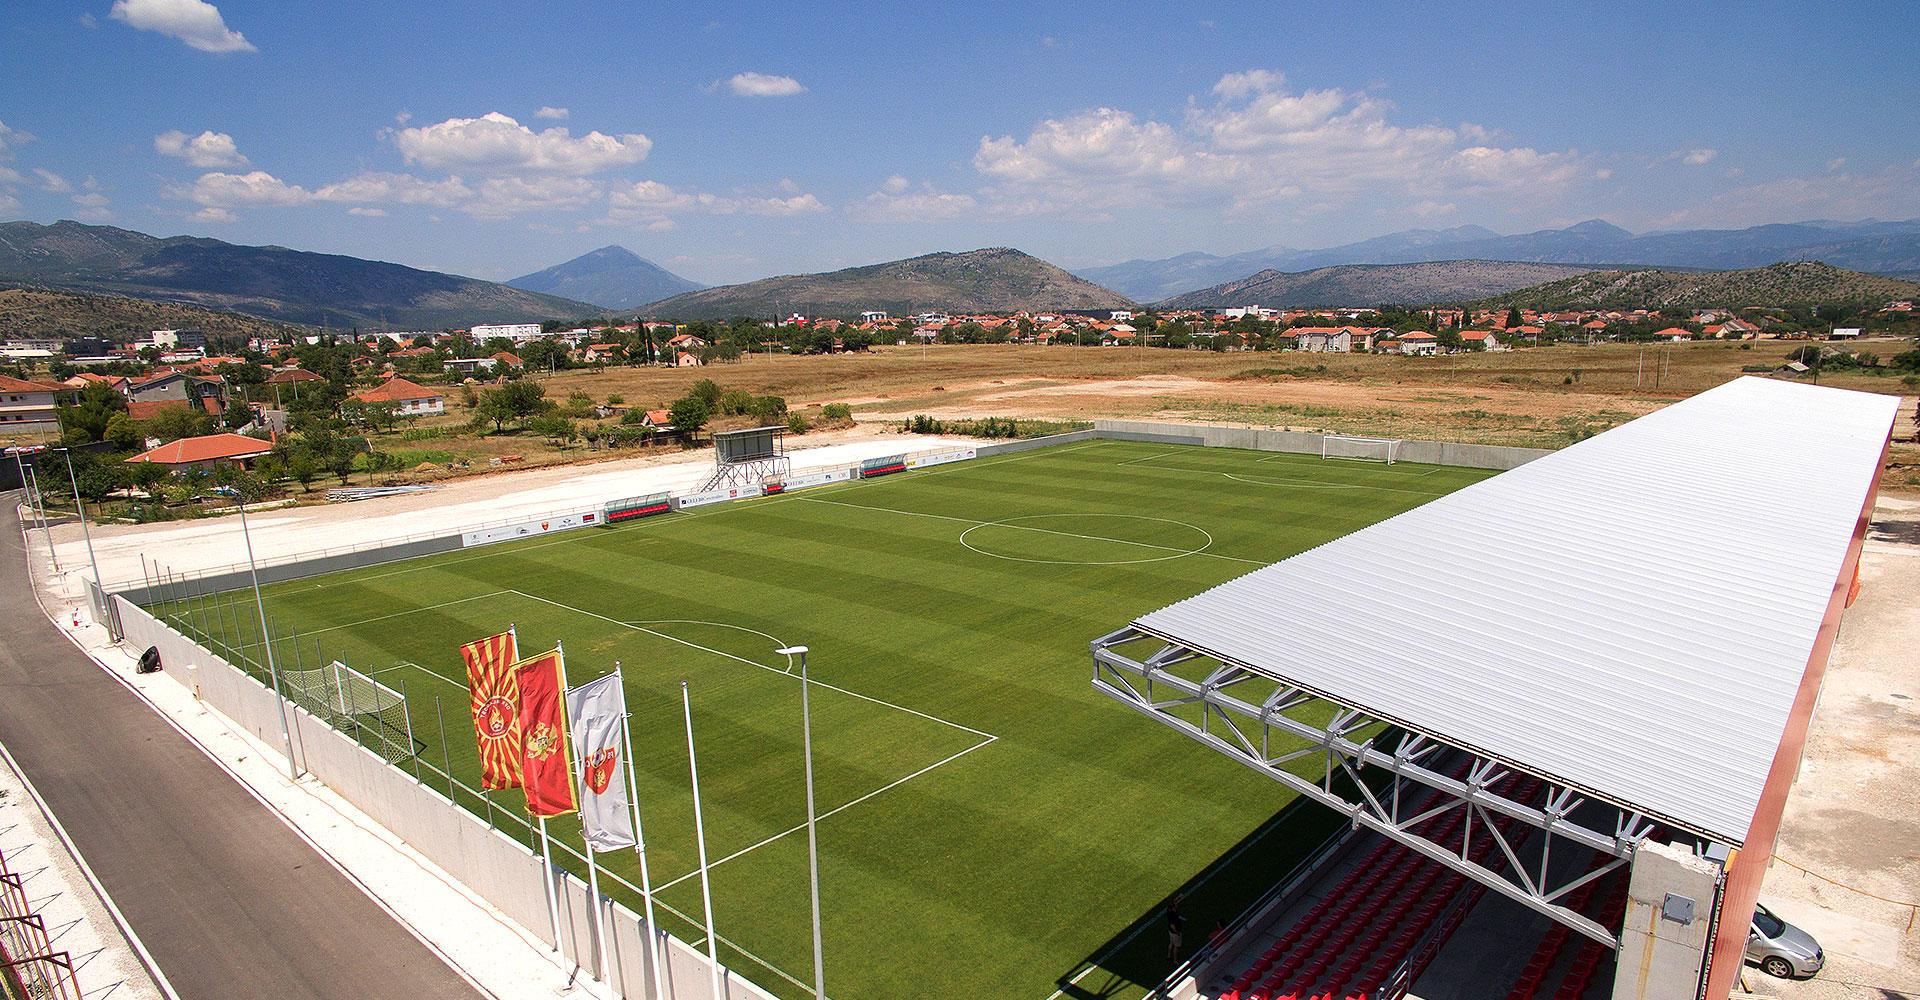 Čelebić kompanija strateški pomaže razvoj sporta u Crnoj Gori